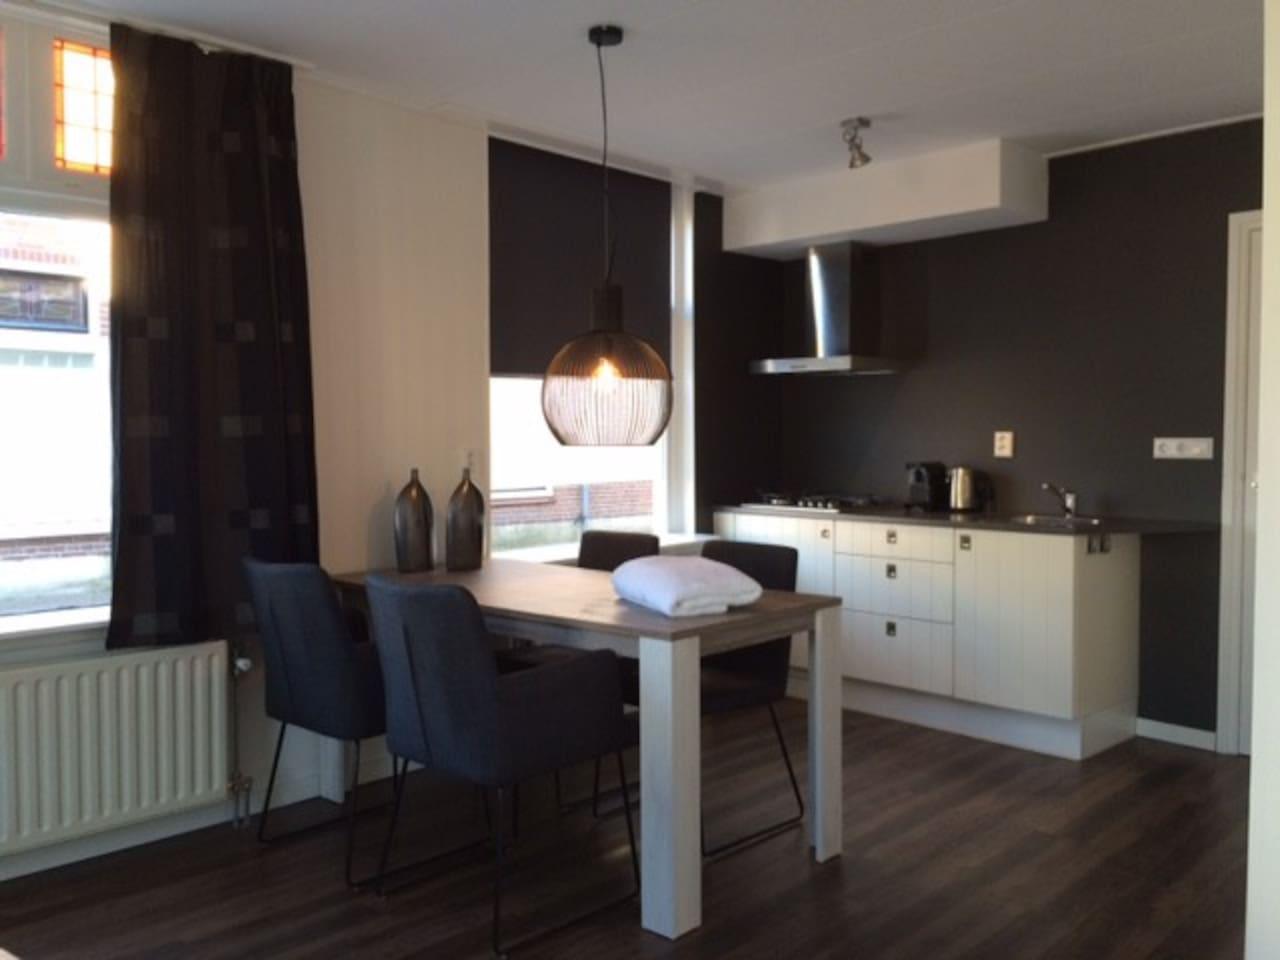 Kamer met eettafel en keuken